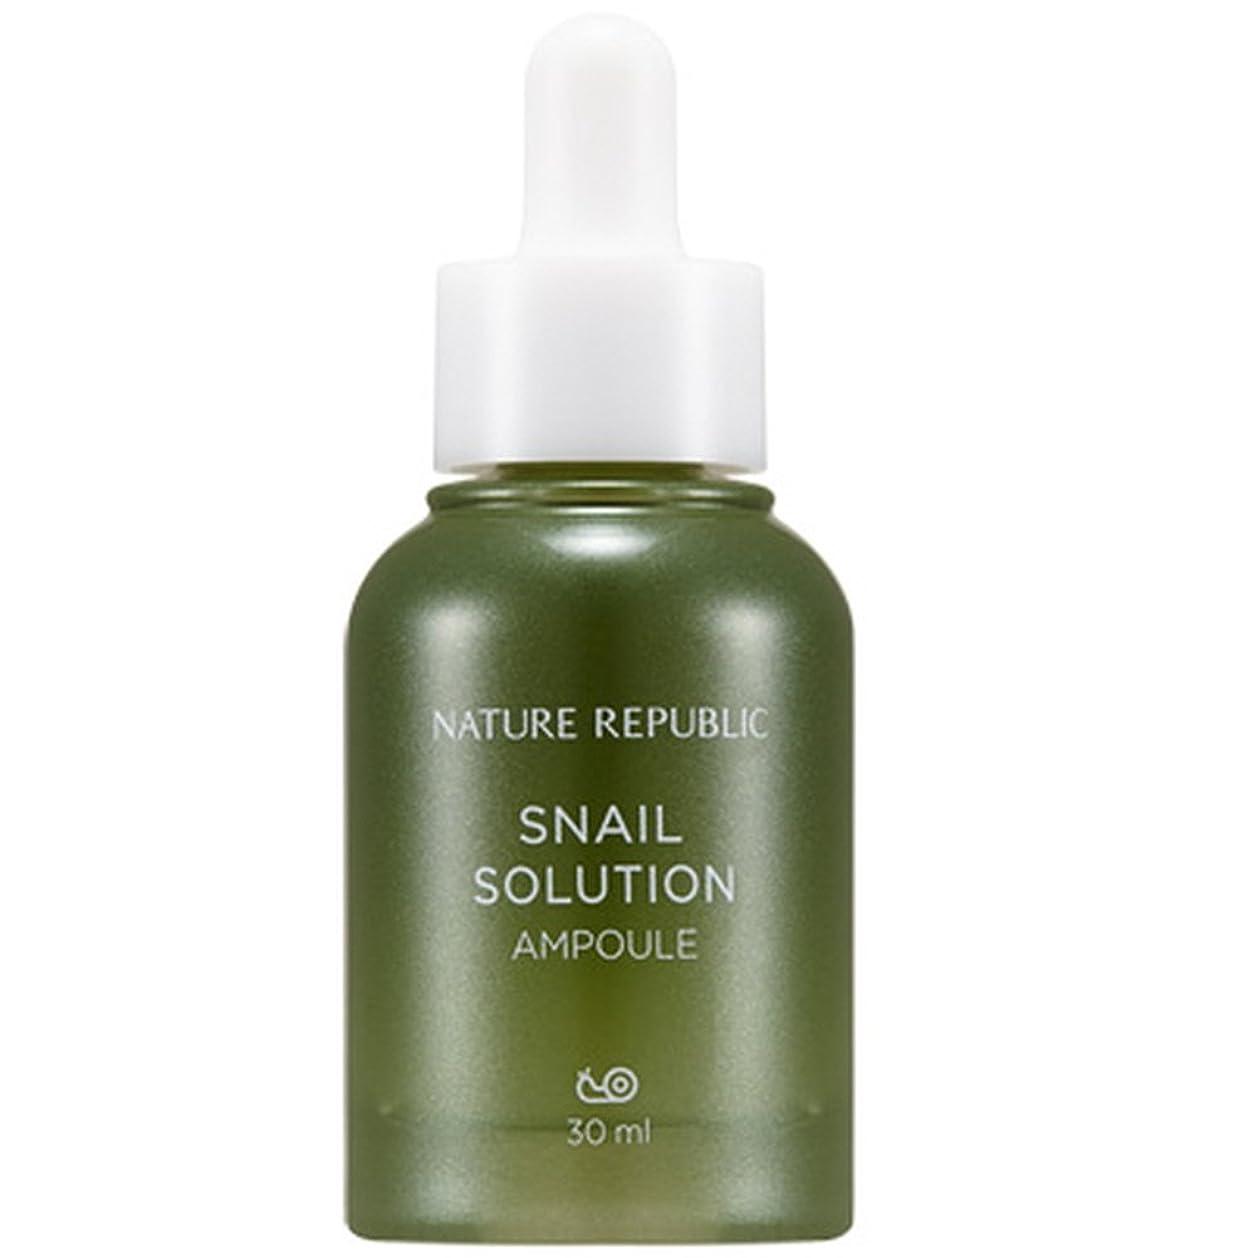 切り下げプラカードピストルNATURE REPUBLIC Snail Solution AMPOULE ネイチャーリパブリック ネイチャーリパブリックカタツムリソリューション アンプル